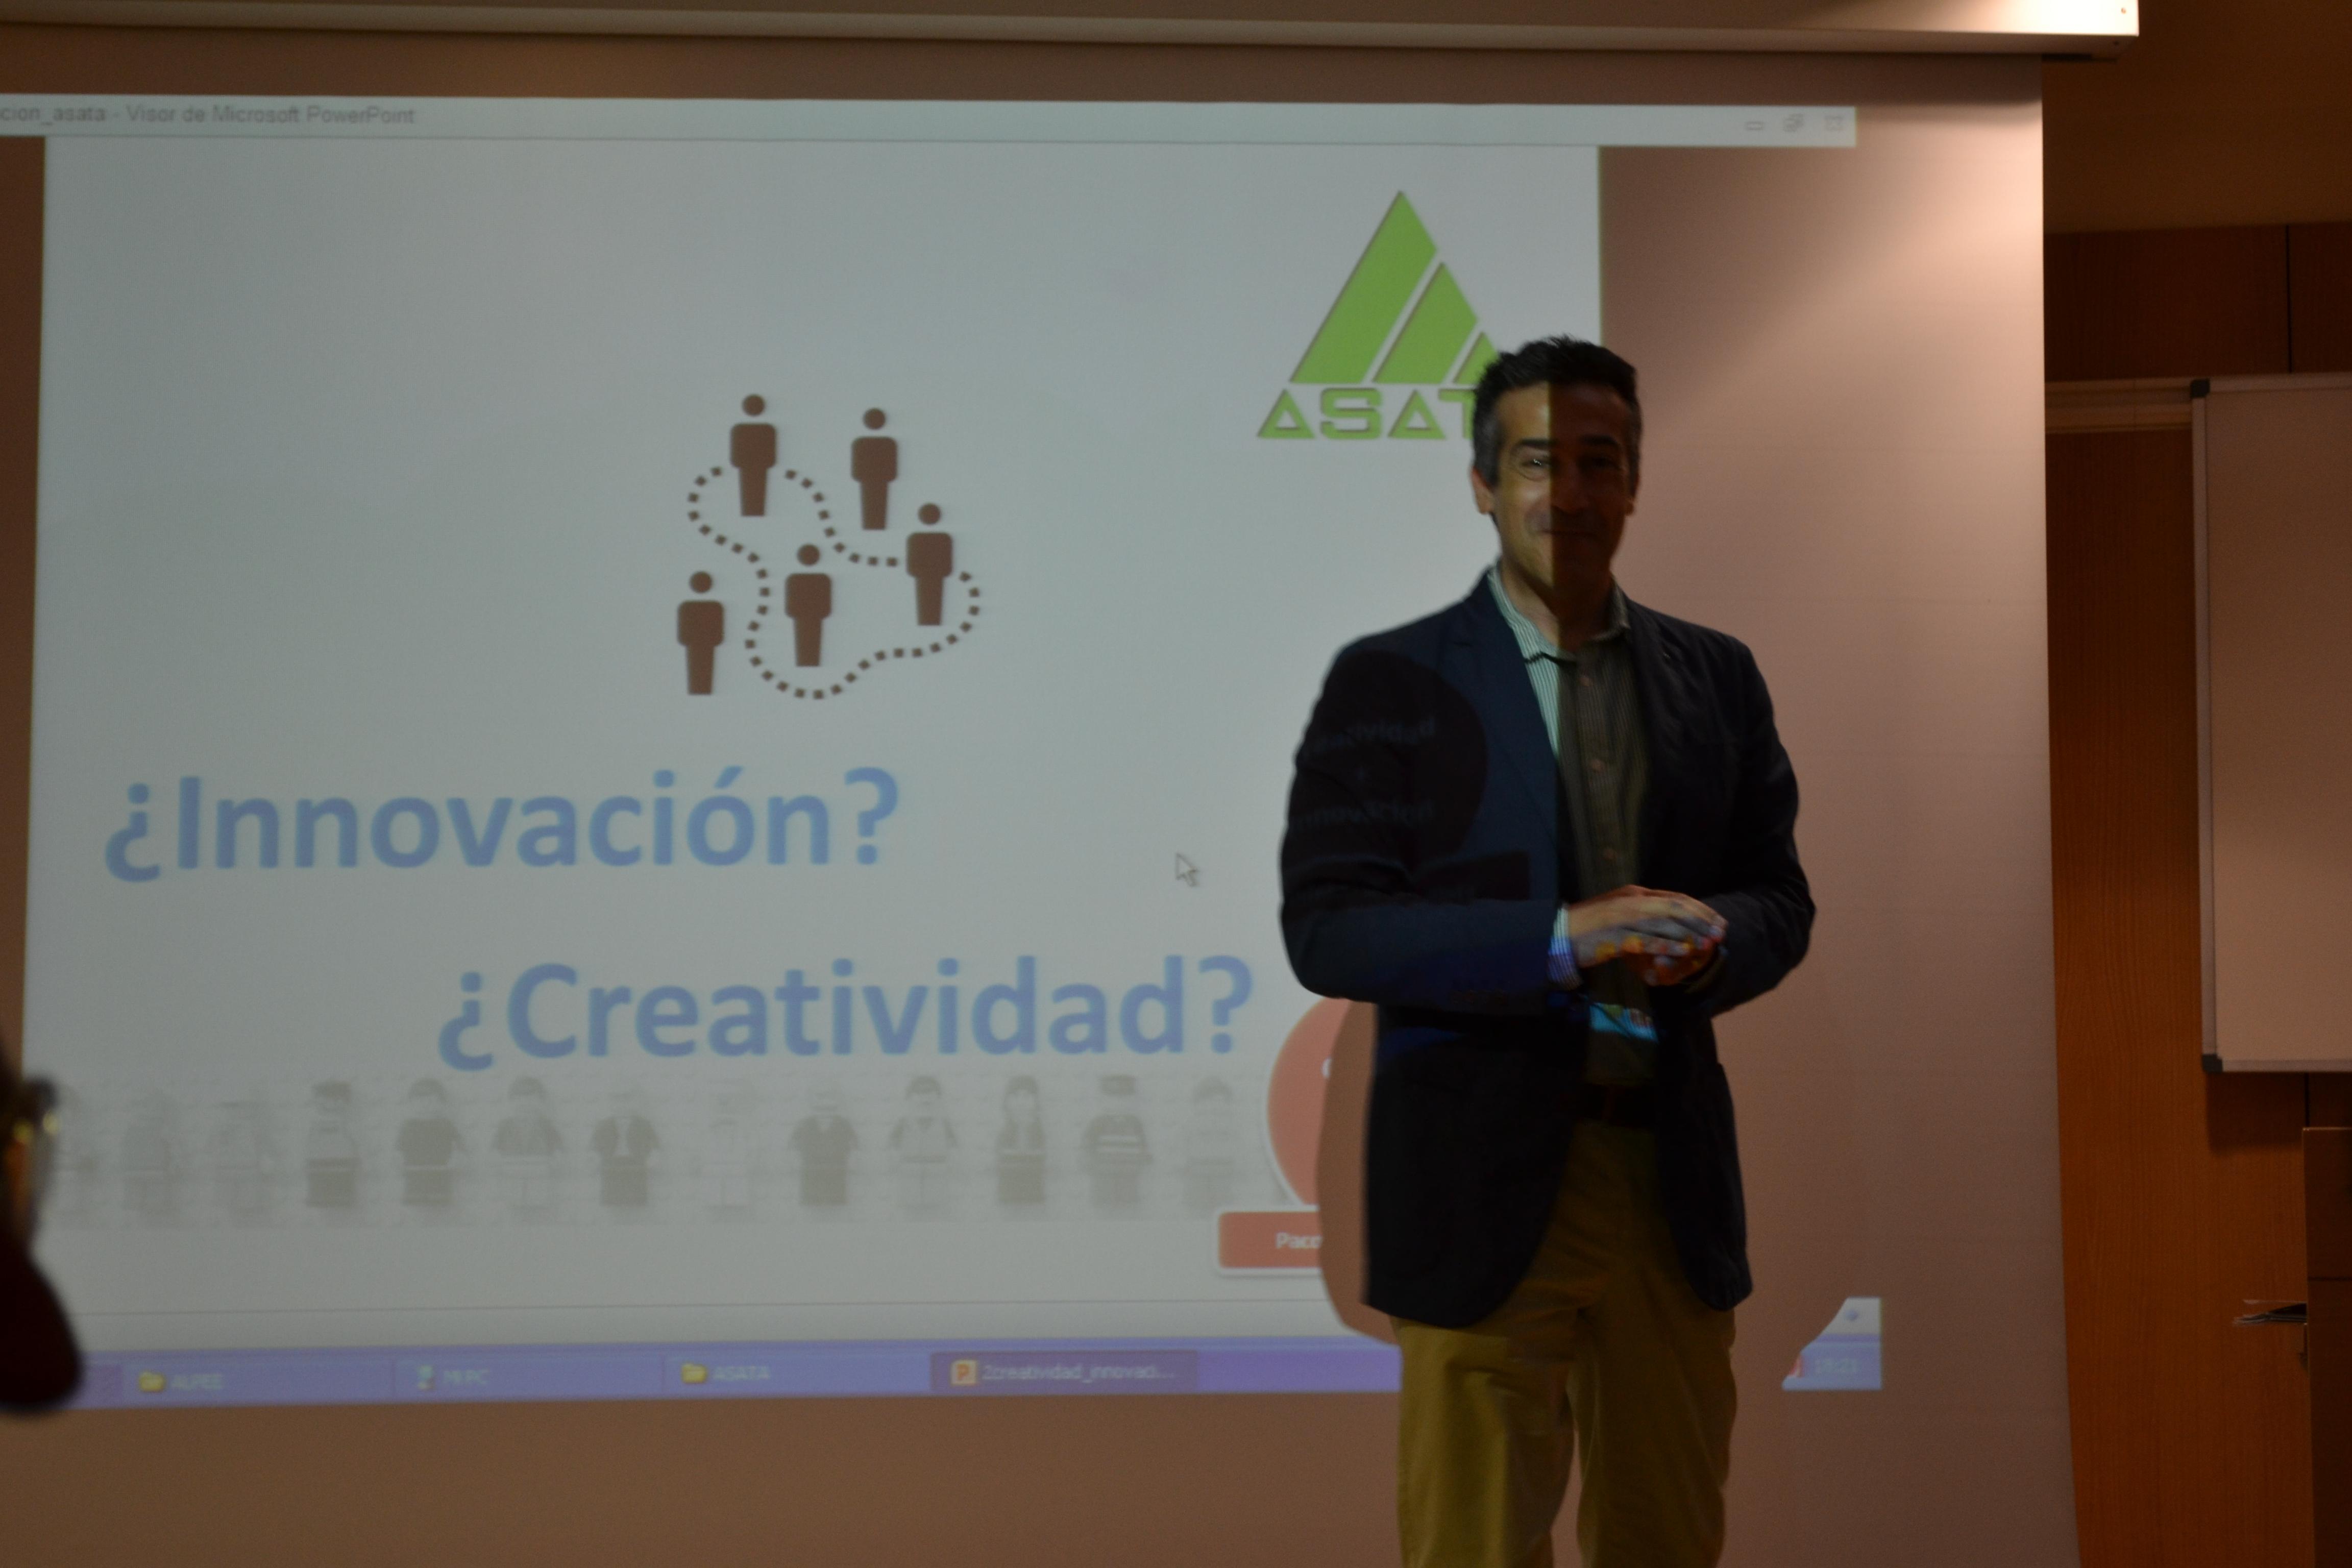 Taller ASATA - Creatividad e Innovación. Paco Prieto